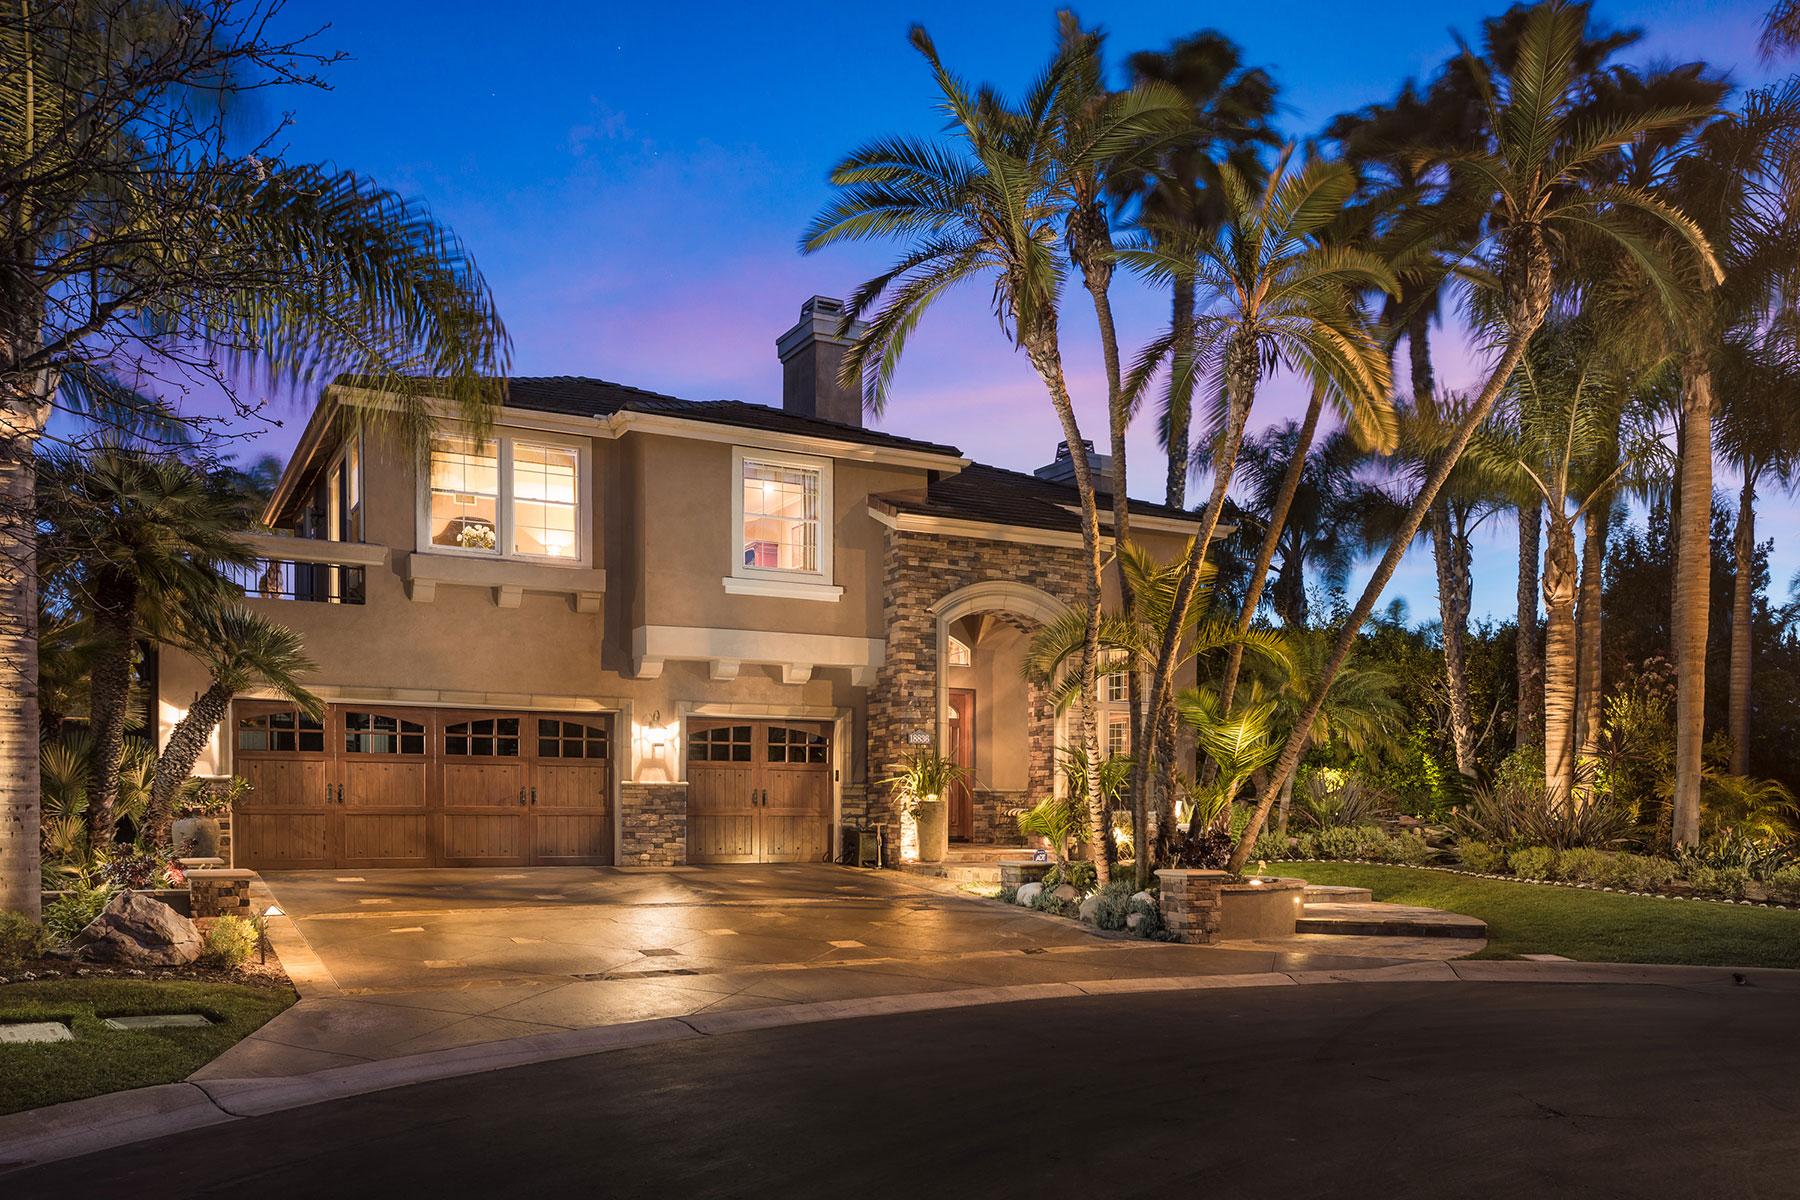 Частный односемейный дом для того Продажа на 18836 Academy Huntington Beach, 92648 Соединенные Штаты